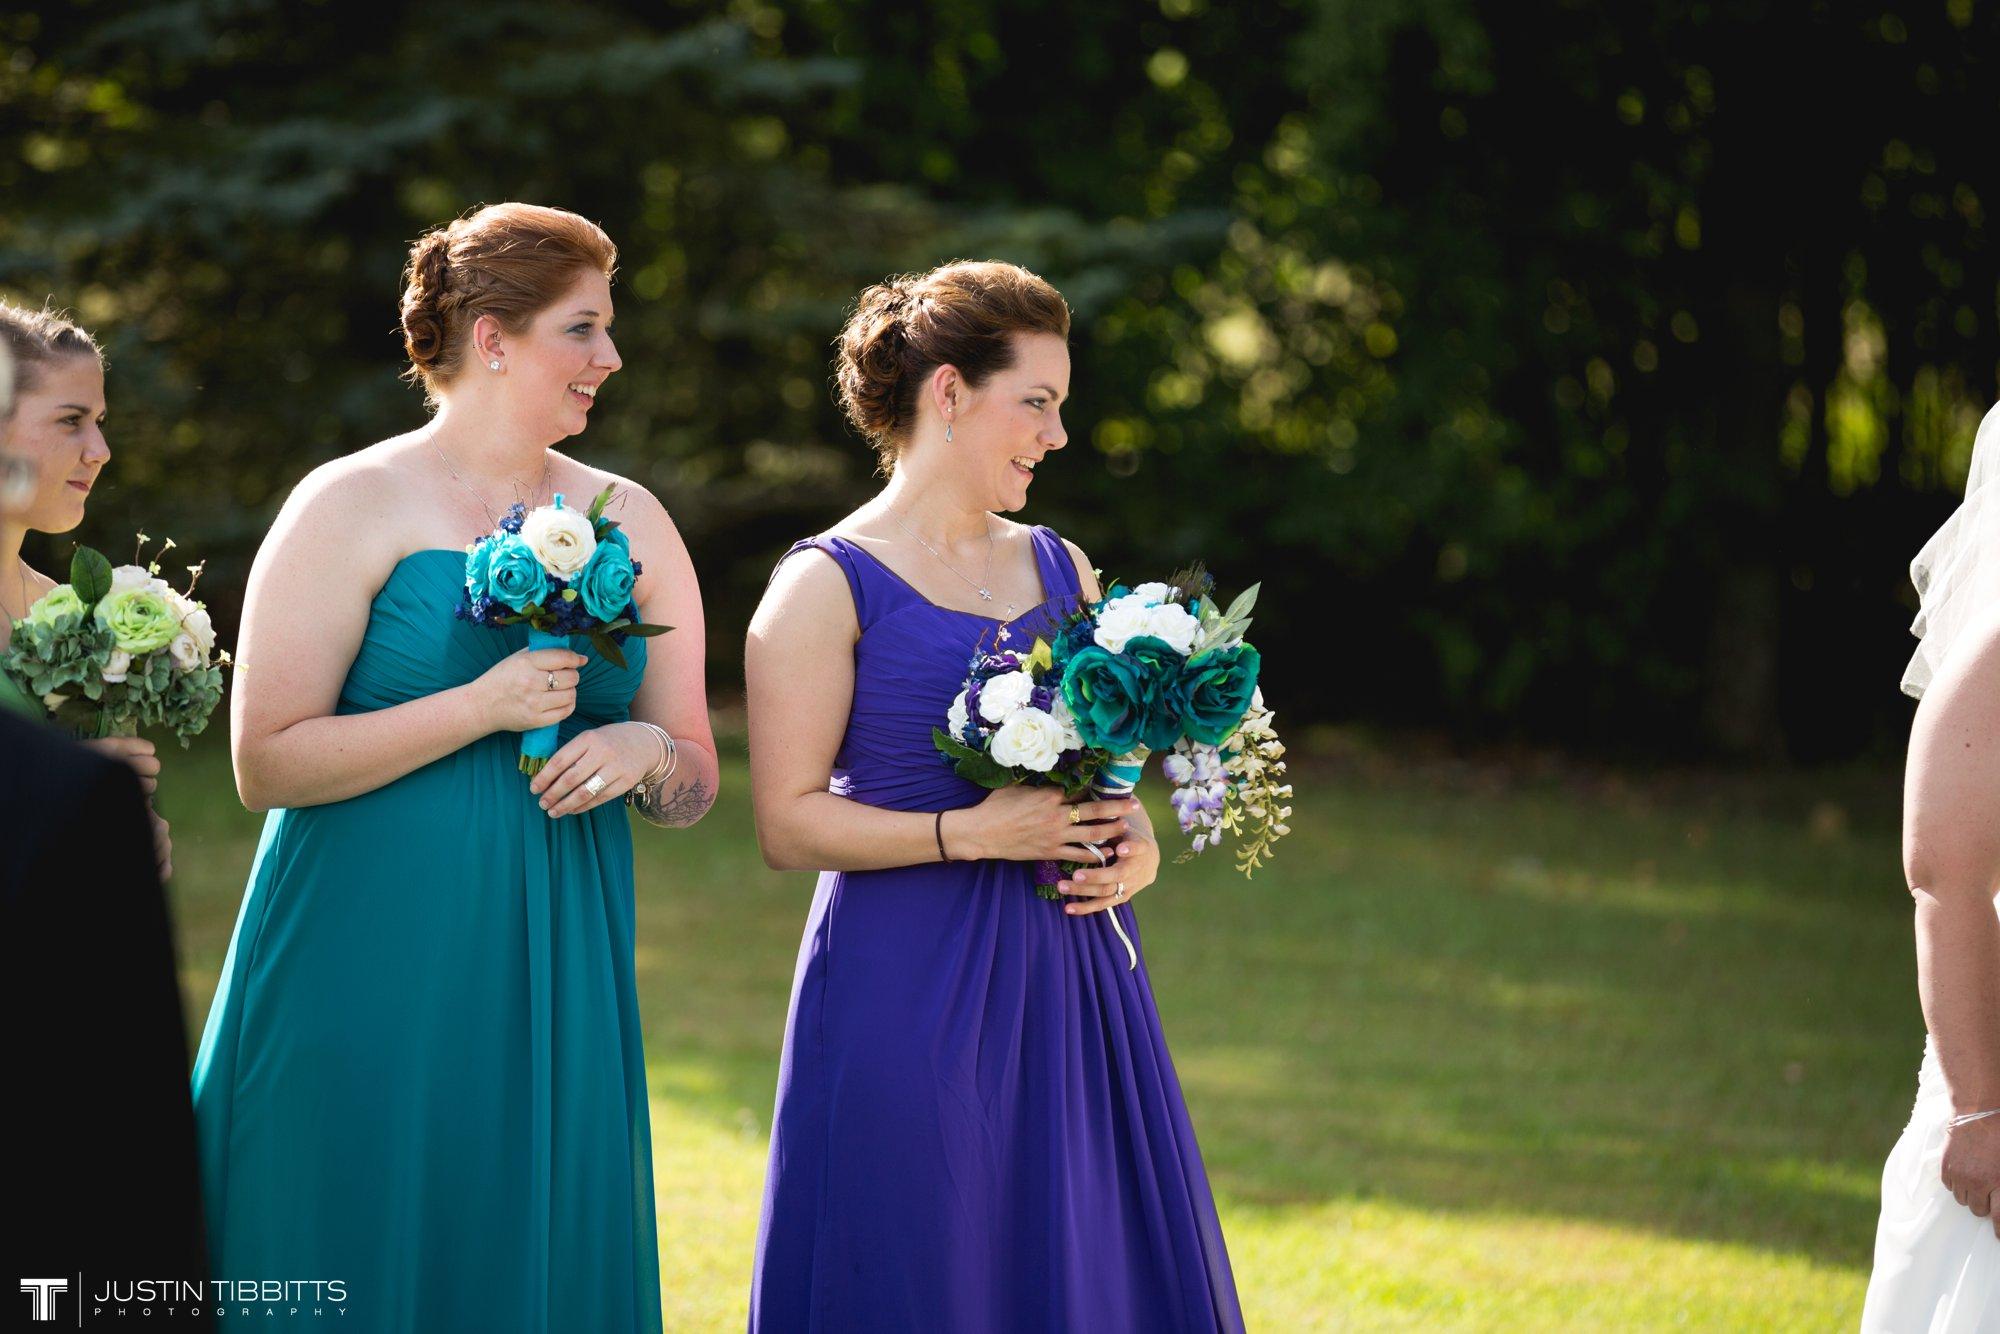 Albany NY Wedding Photographer Justin Tibbitts Photography 2014 Best of Albany NY Weddings-13945313538